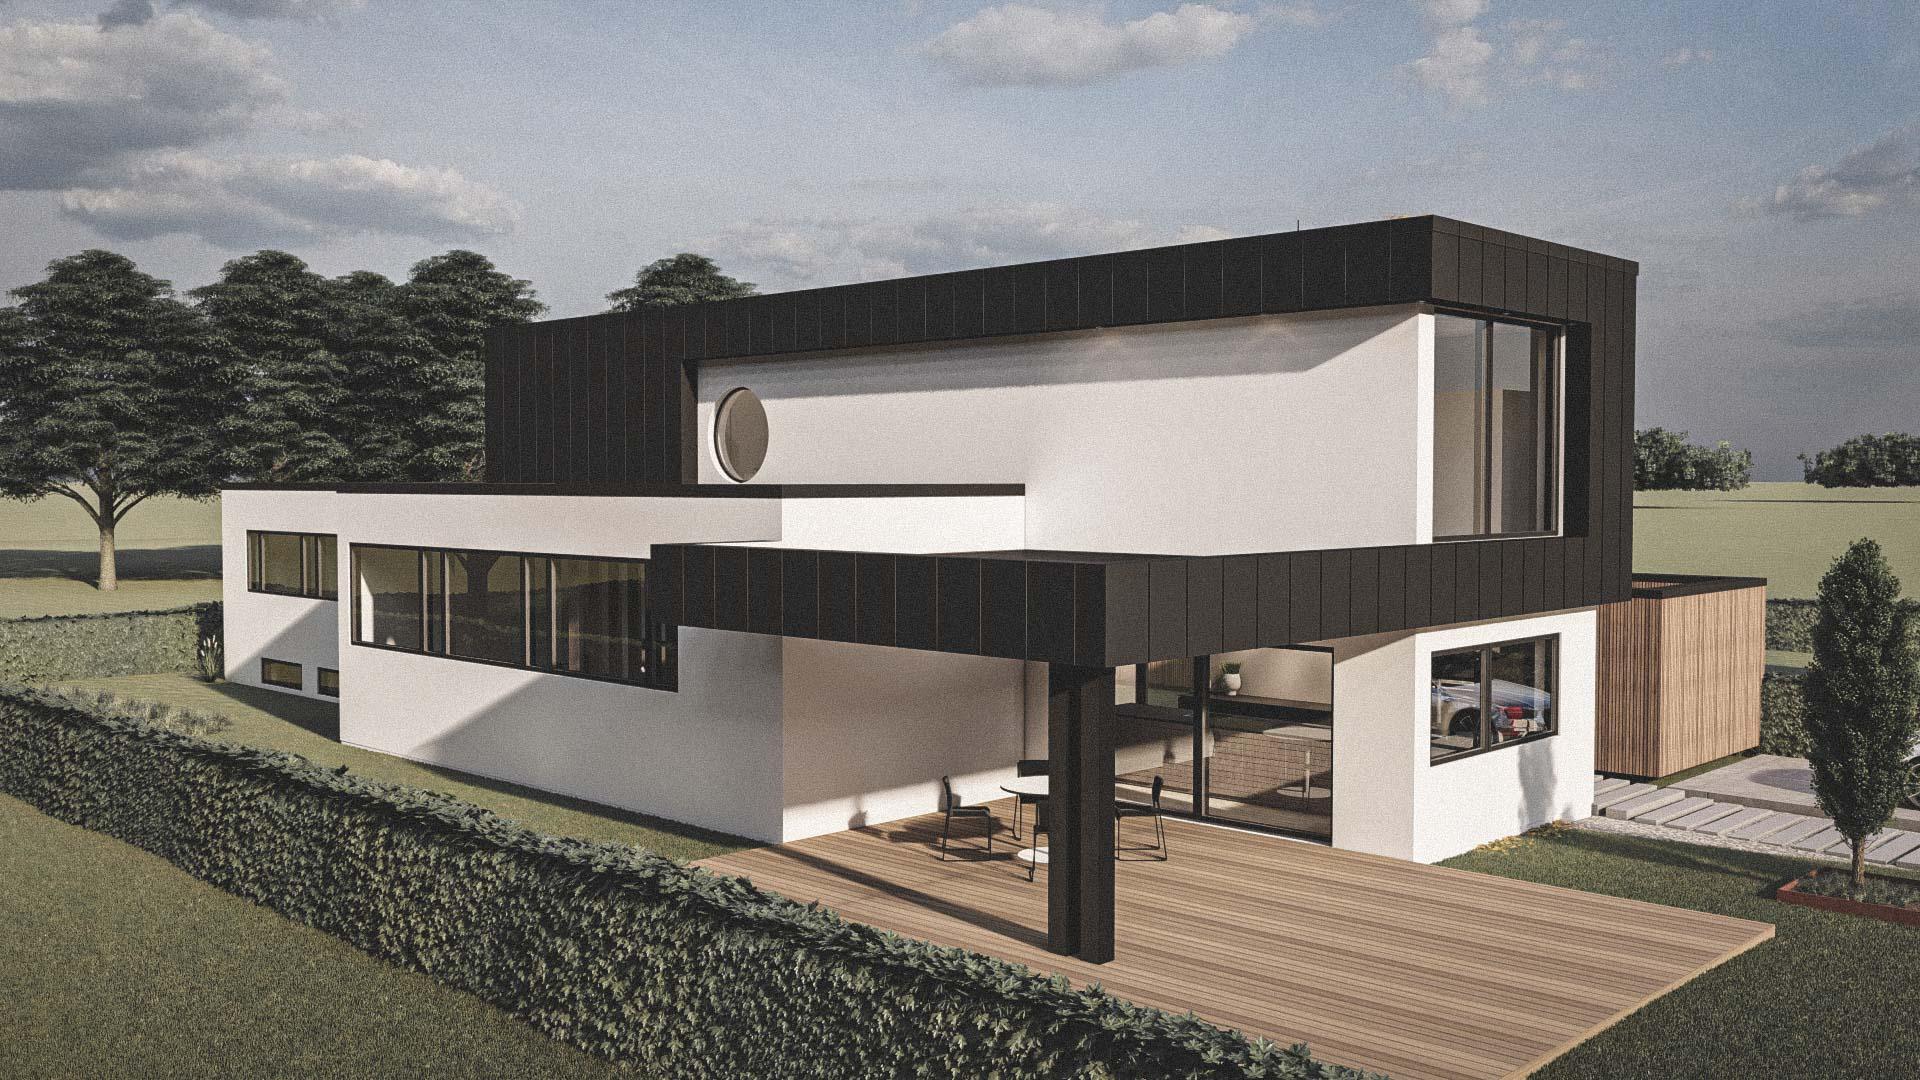 Billede af et arkitekt tegnet projektforslag af ny 2plans drømme villa i Gentofte, af det danske arkitektfirma m2plus